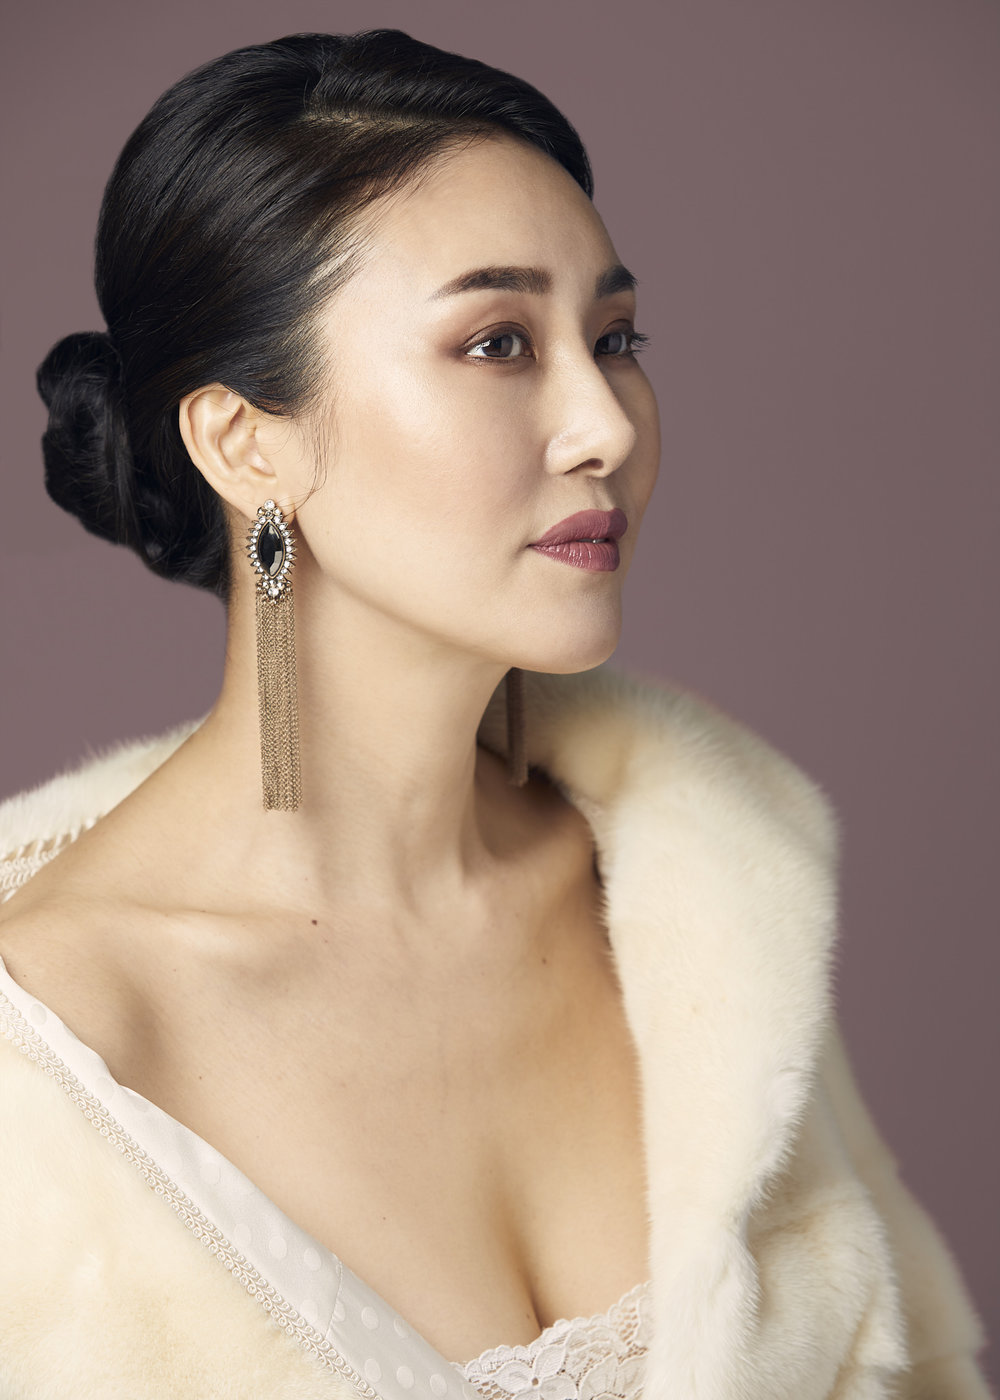 Eunni Cho_2018-04-25_0394_2048px_AdobeRGB.jpg